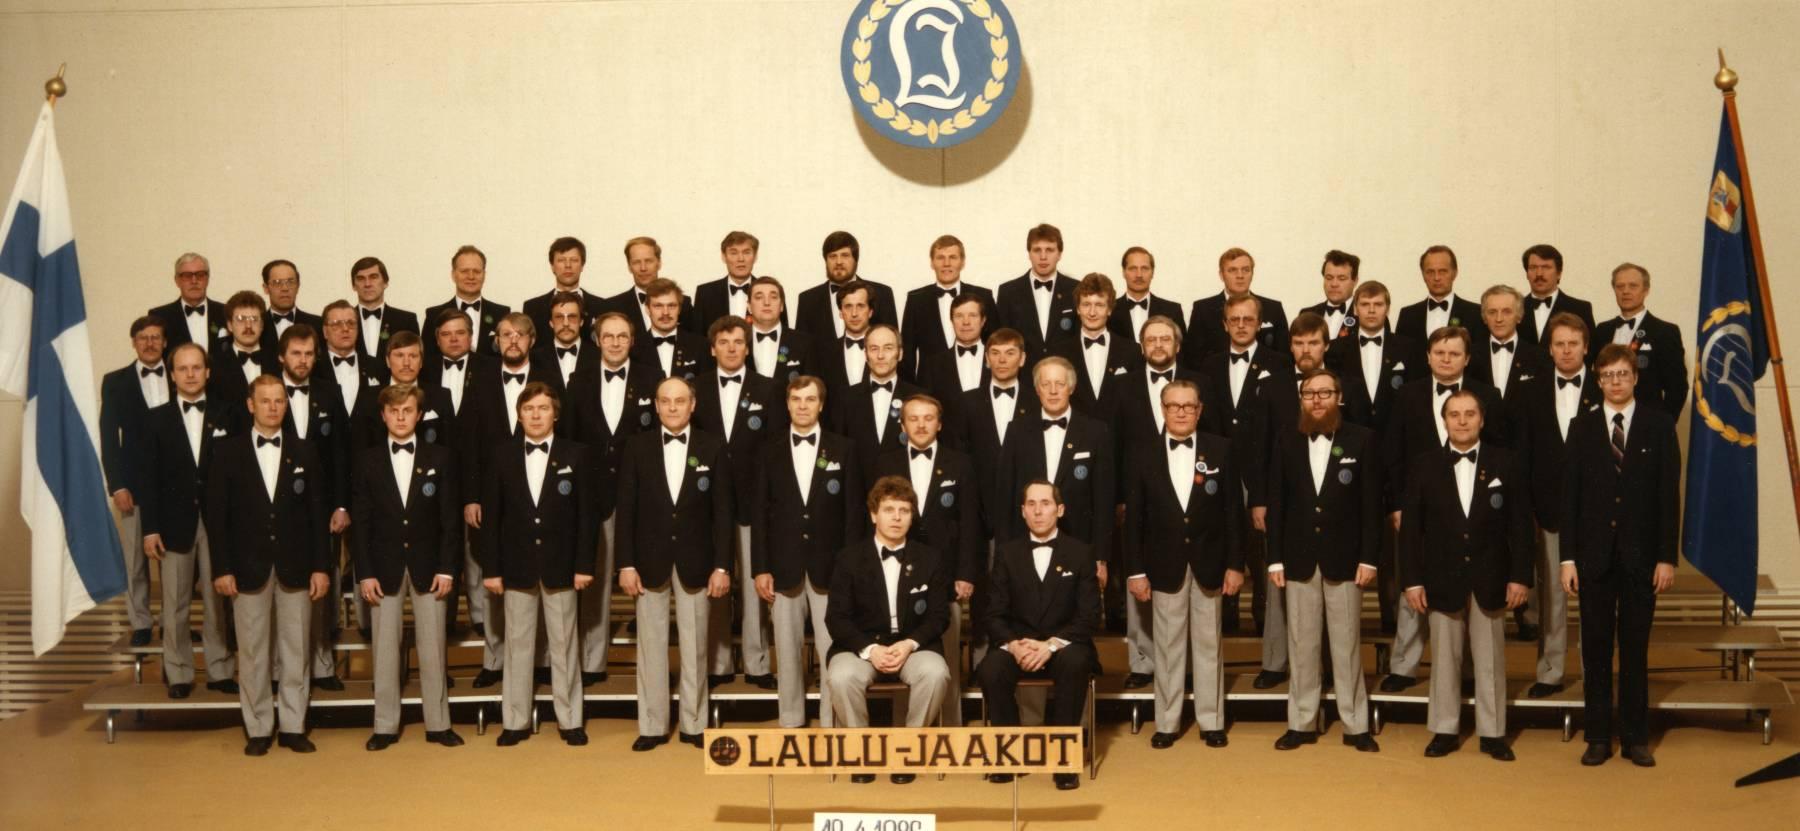 Laulu-Jaakkojen 40-vuotisjuhlakonsertti